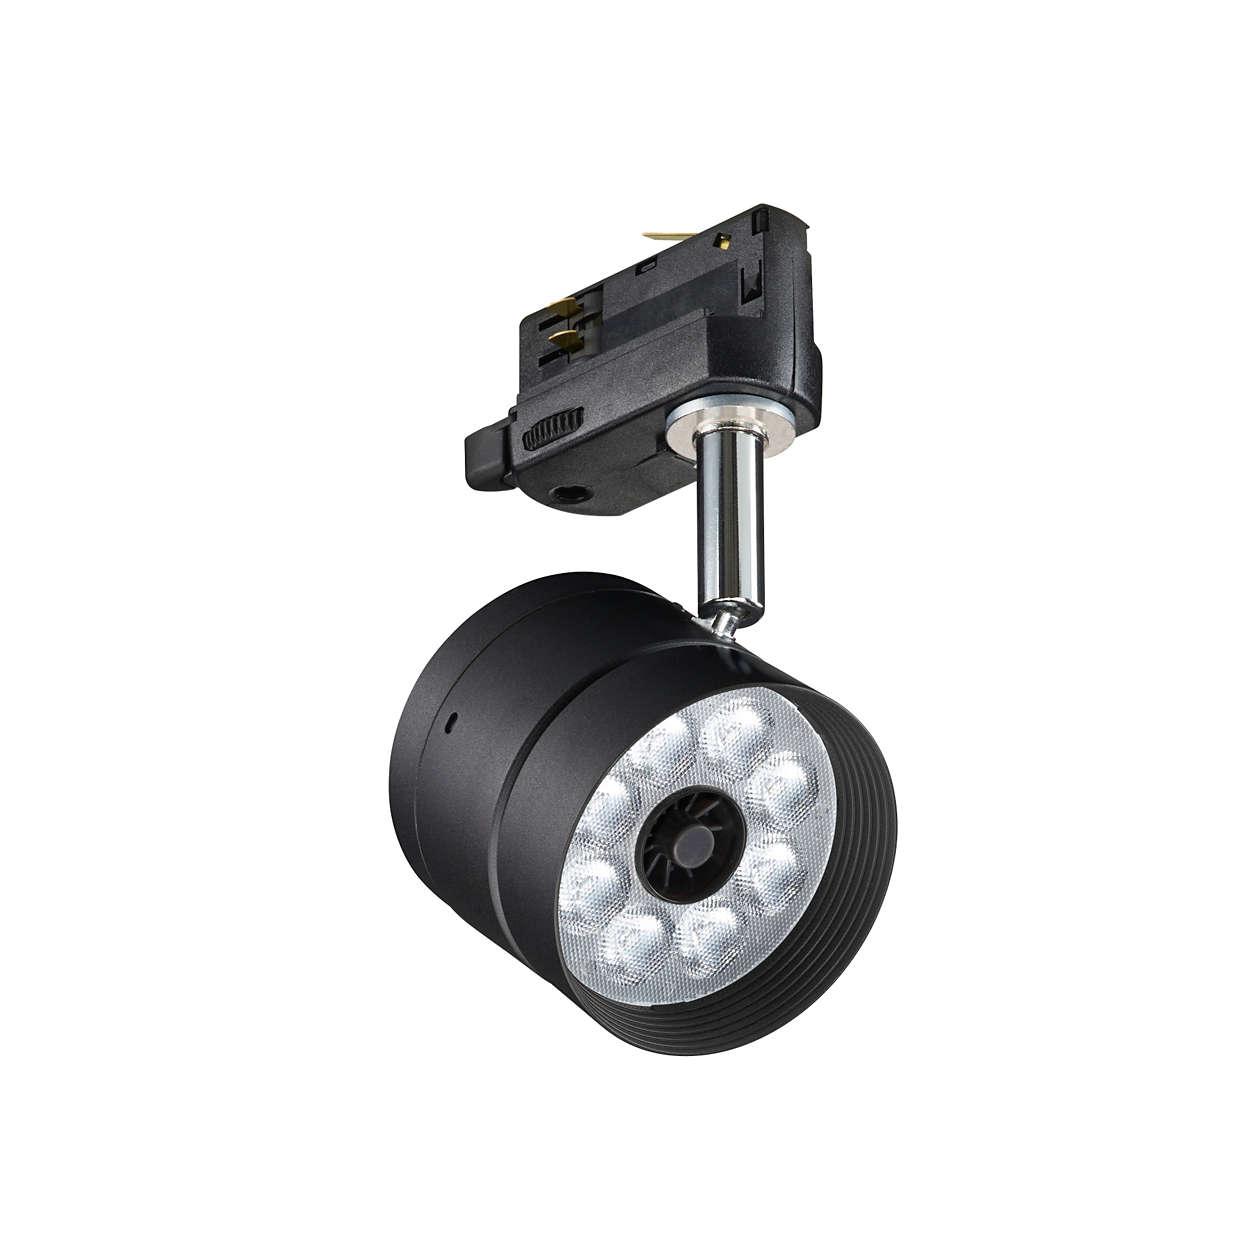 Proiettore CoreLine - La scelta ideale per passare ai LED